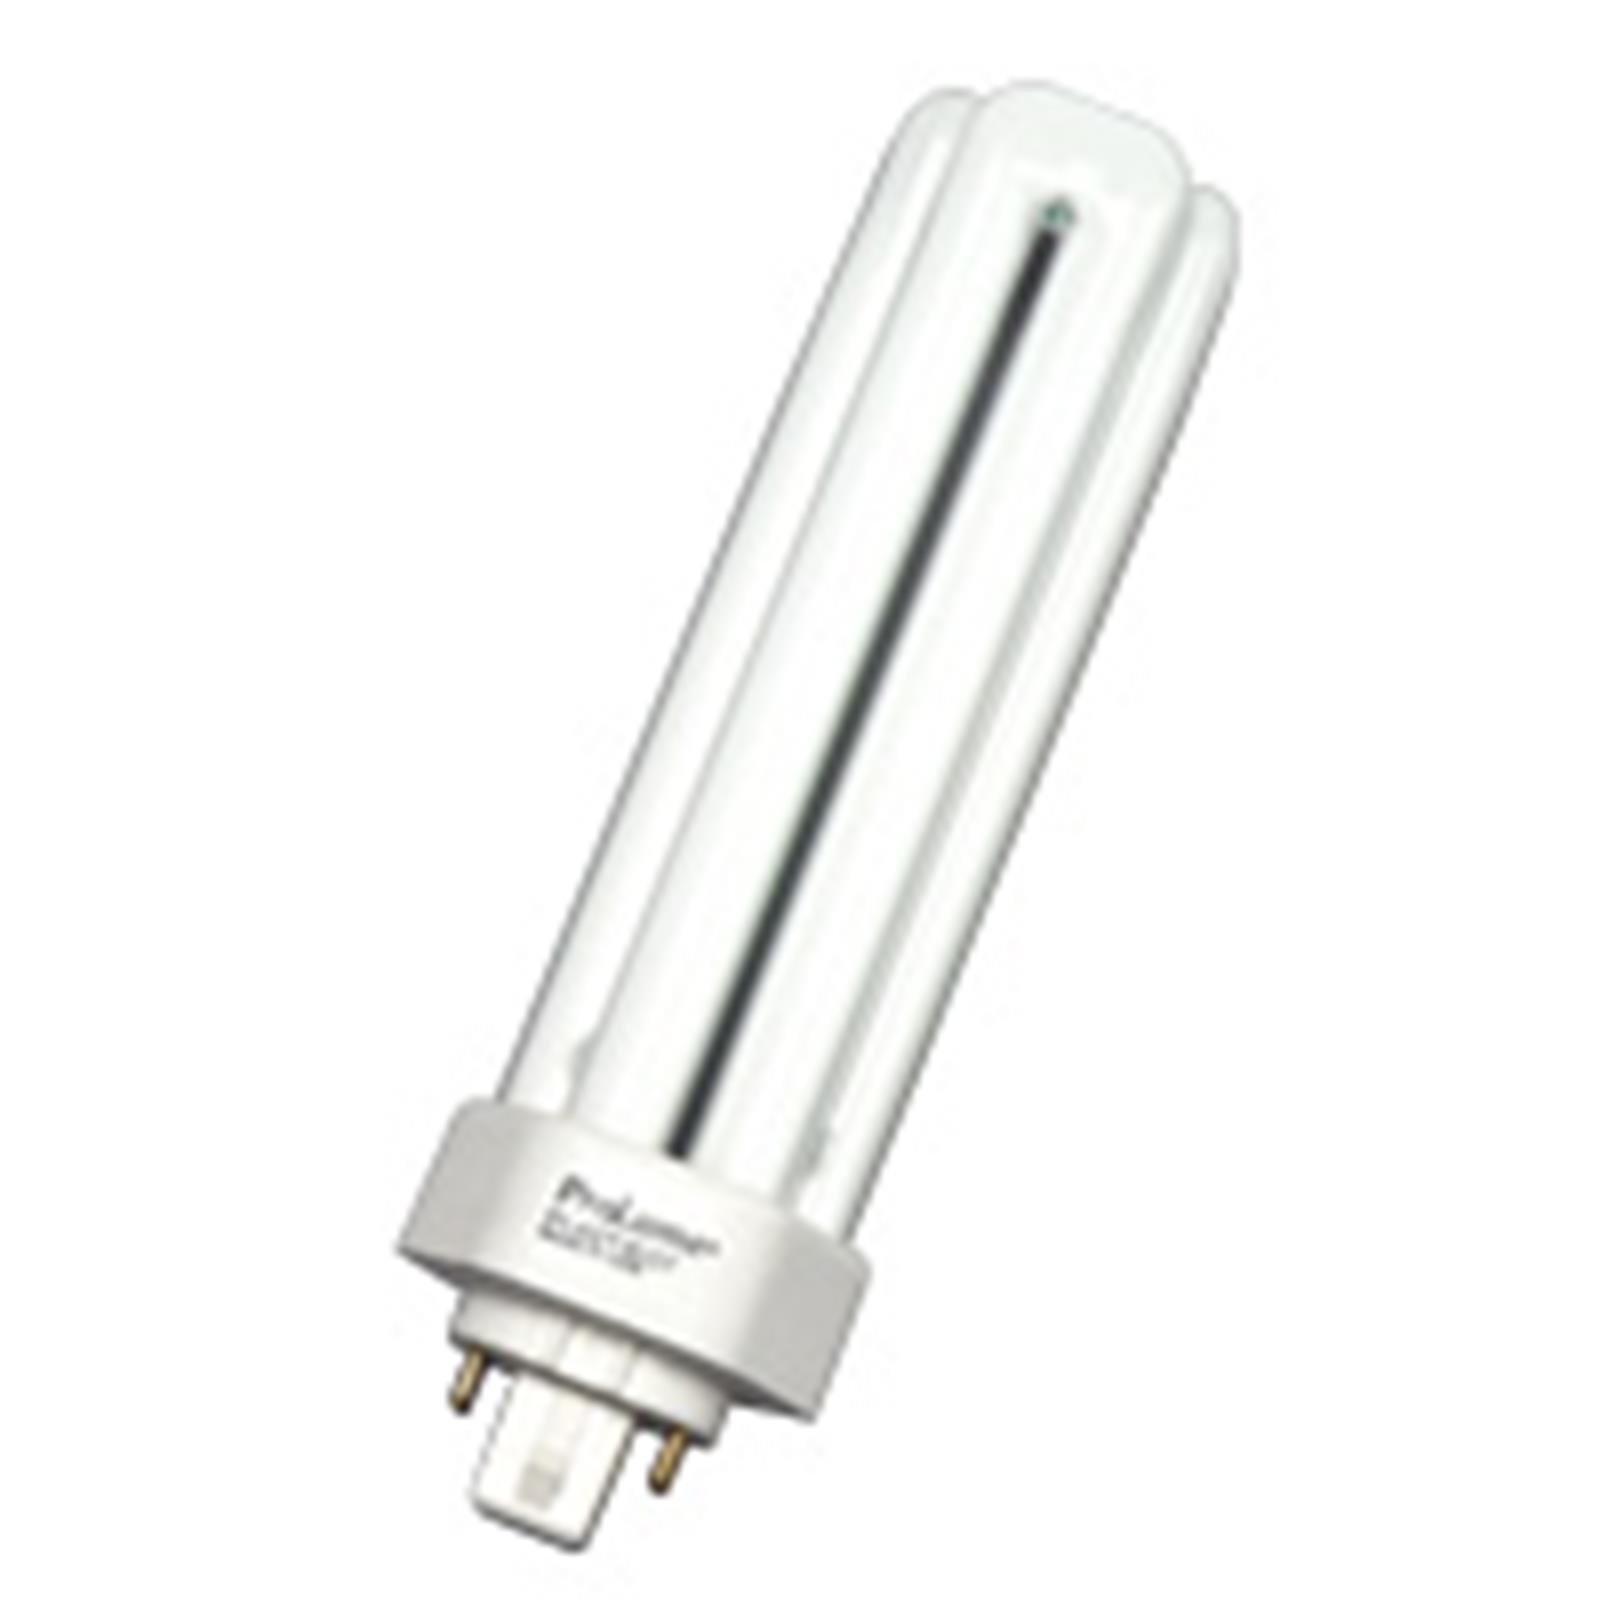 25 Qty. Halco 42W Triple 3500K GX24Q-4 PRO ECO PL42T/E/35/ECO 42w 6v CFL White EOL Lamp Bulb